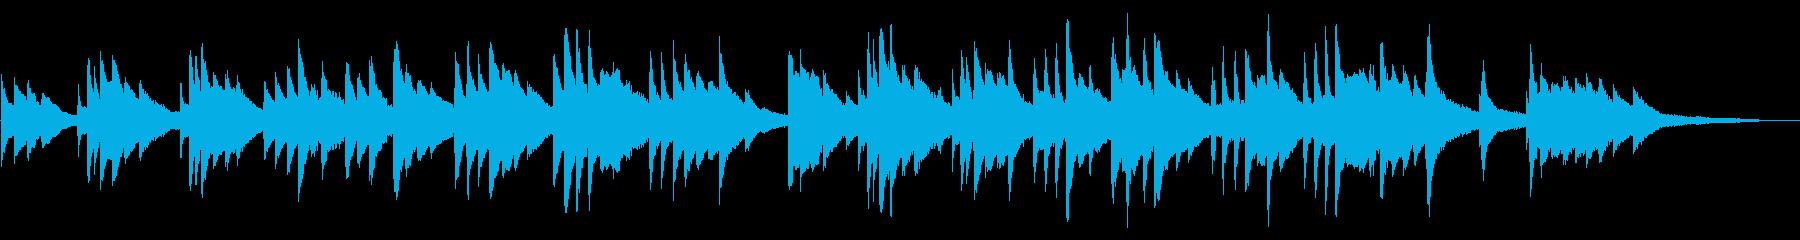 物語に優しく寄り添うようなピアノBGMの再生済みの波形